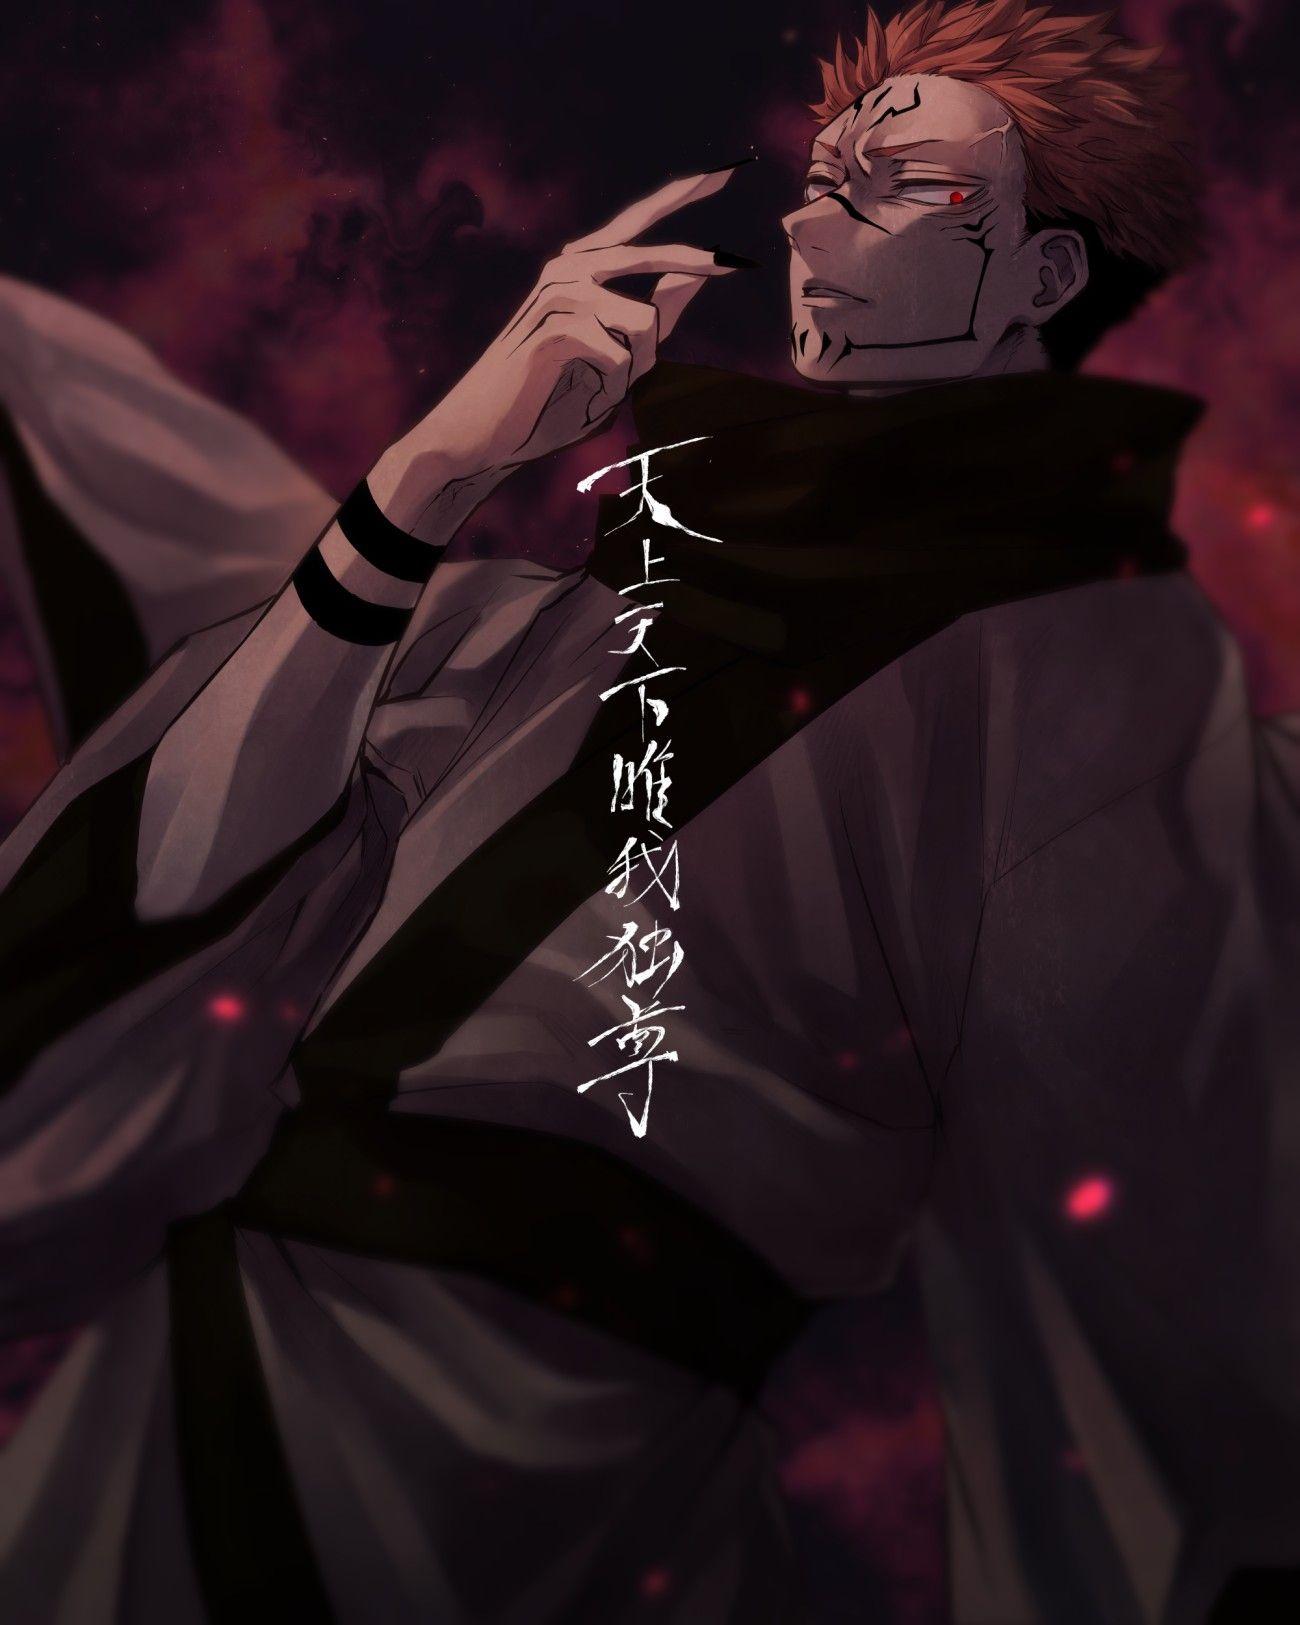 Jujutsu Kaisen In 2021 Jujutsu Anime Jujitsu